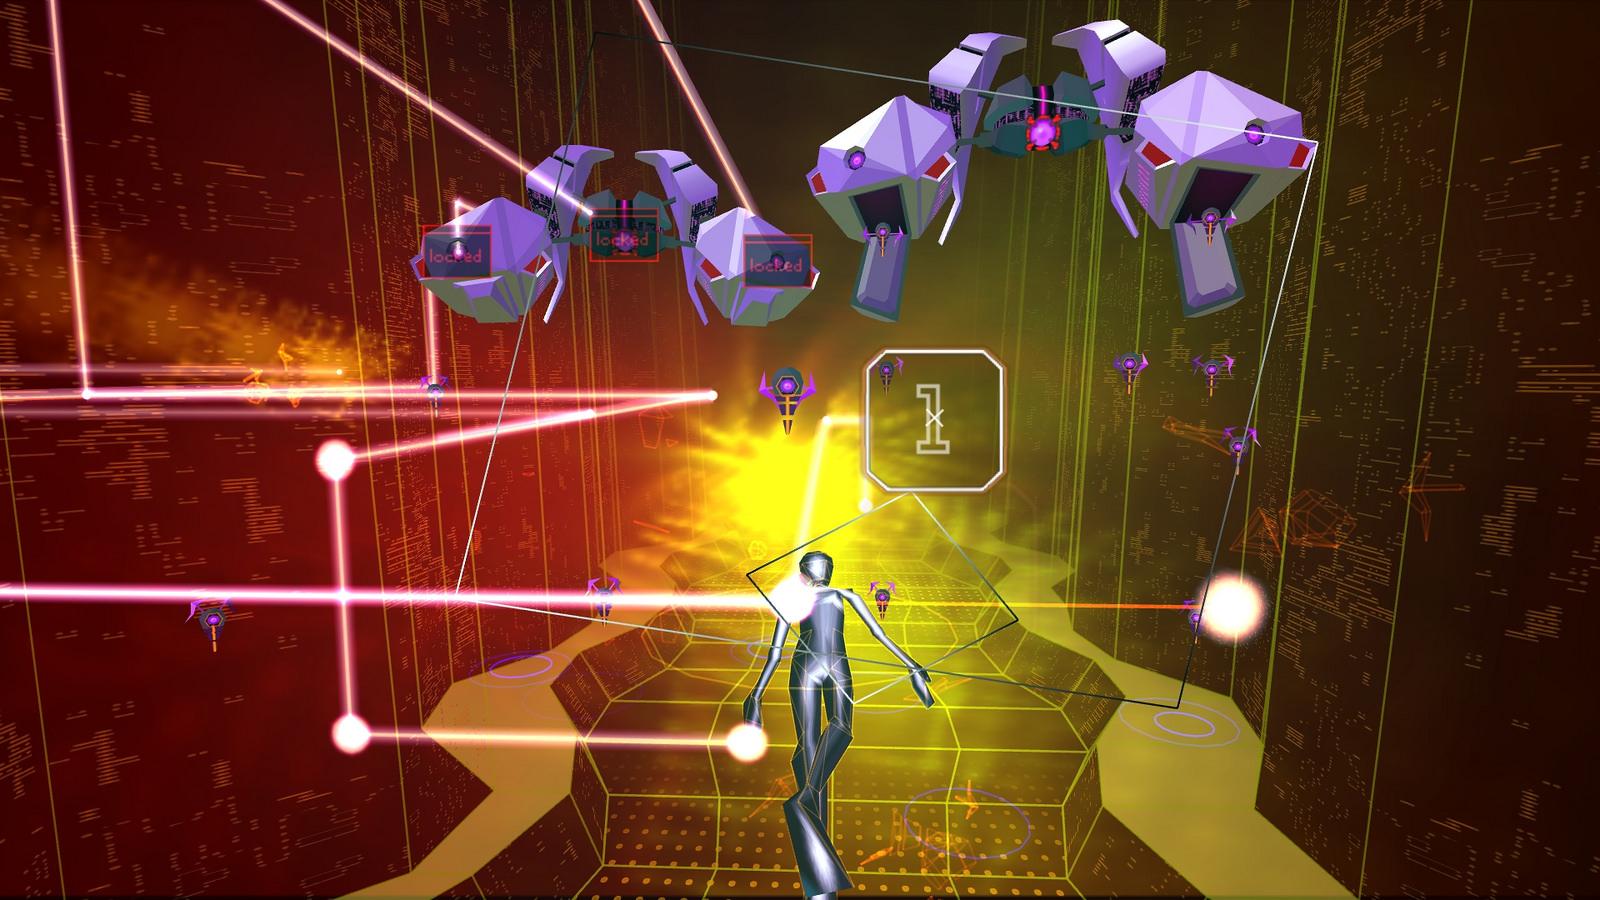 Rez Infinite Y Rigs Son Los Dos Mejores Juegos Para Estrenar Ps Vr